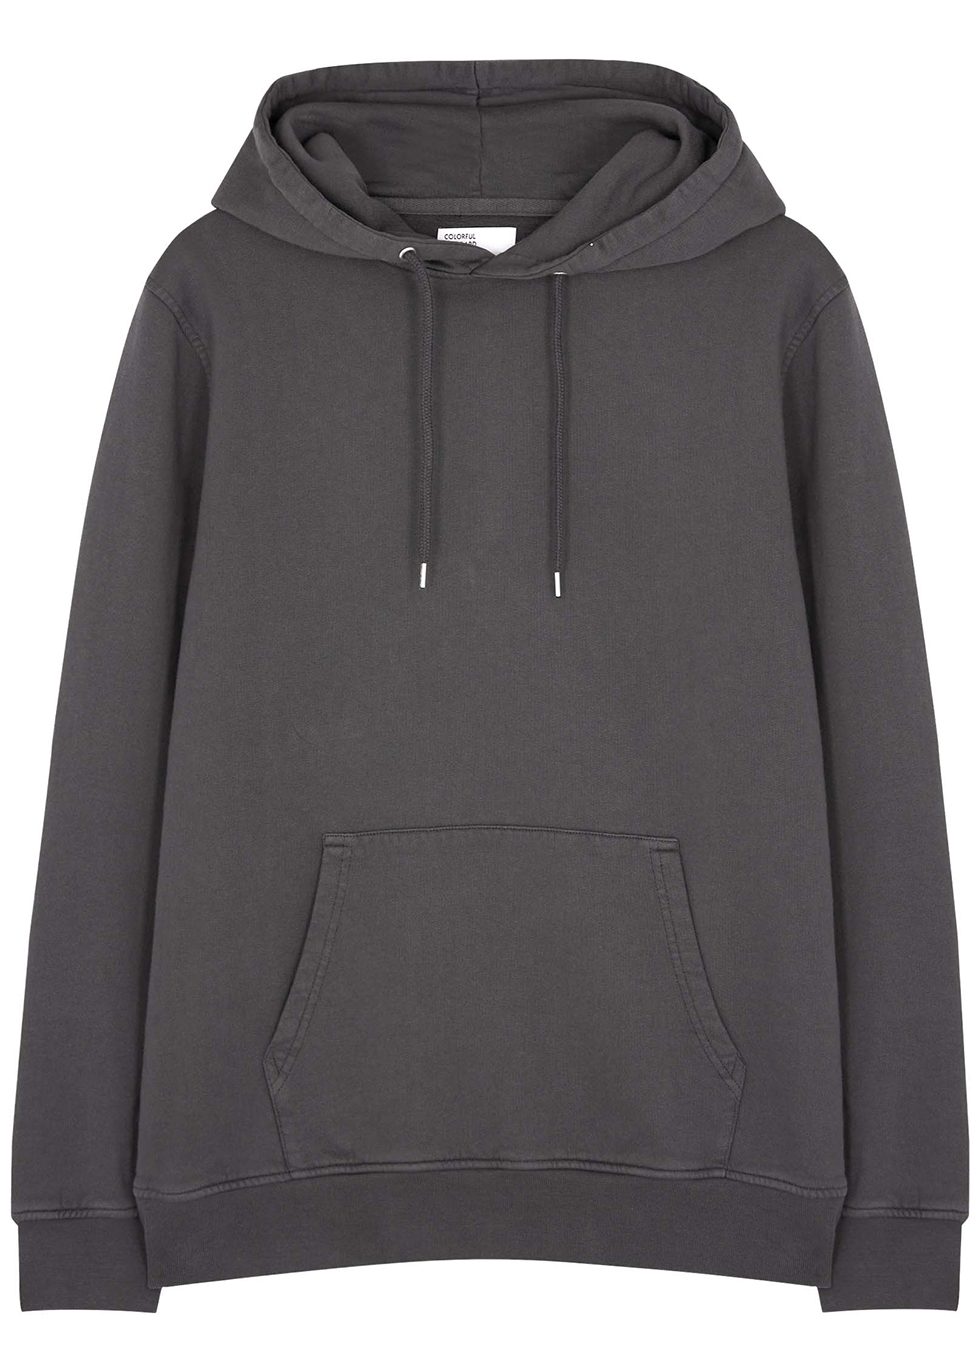 Charcoal hooded cotton sweatshirt